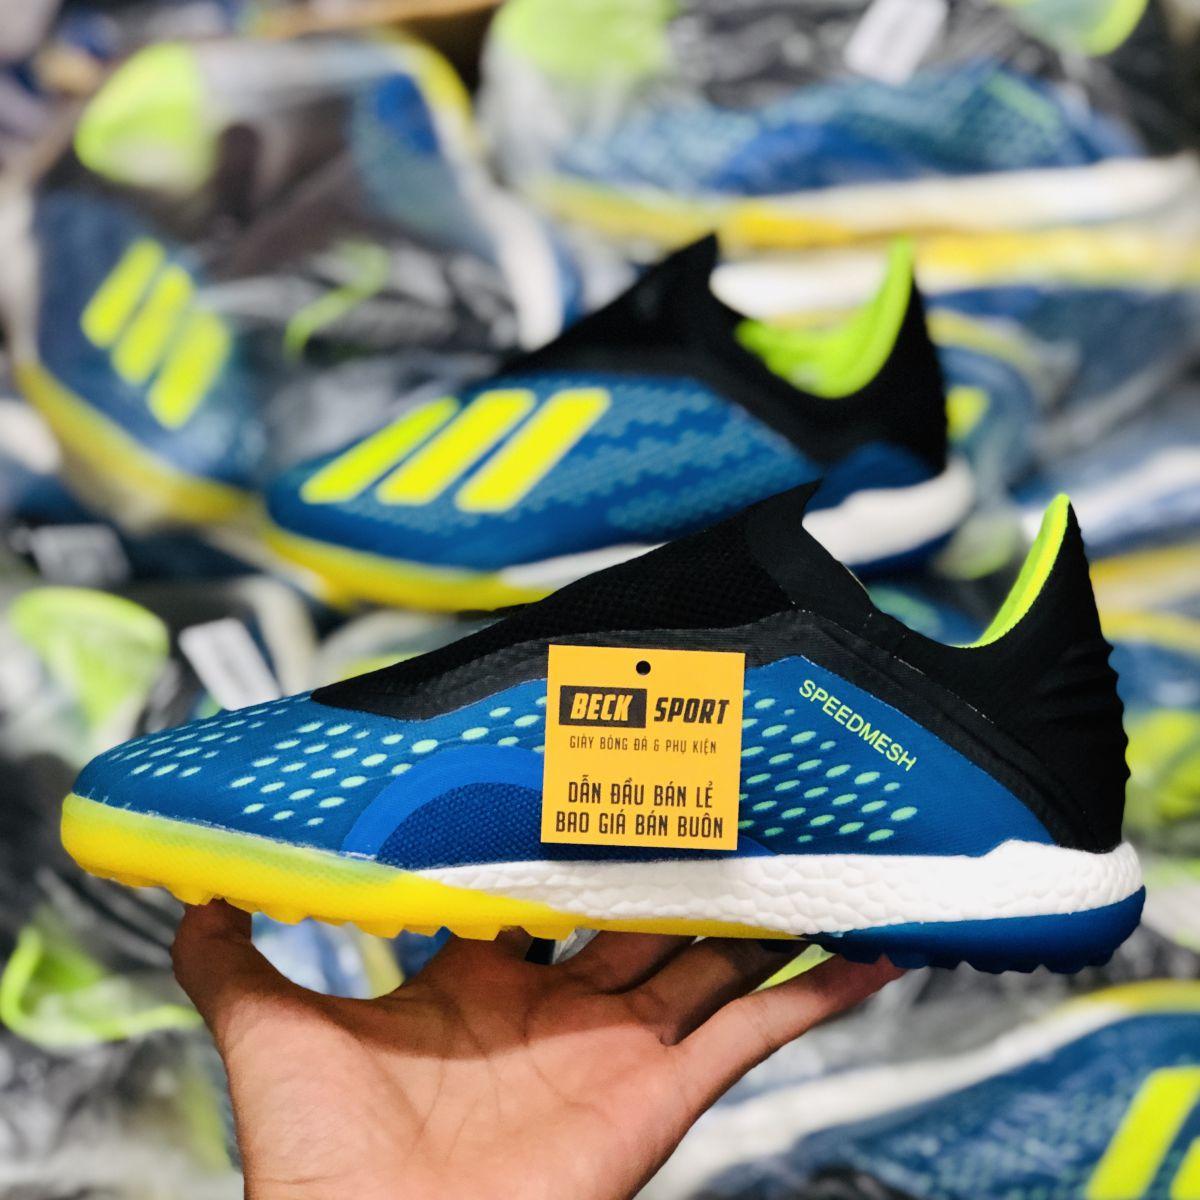 Giày Bóng Đá Adidas X 18+ Xanh Biển Chuối Không Dây TF